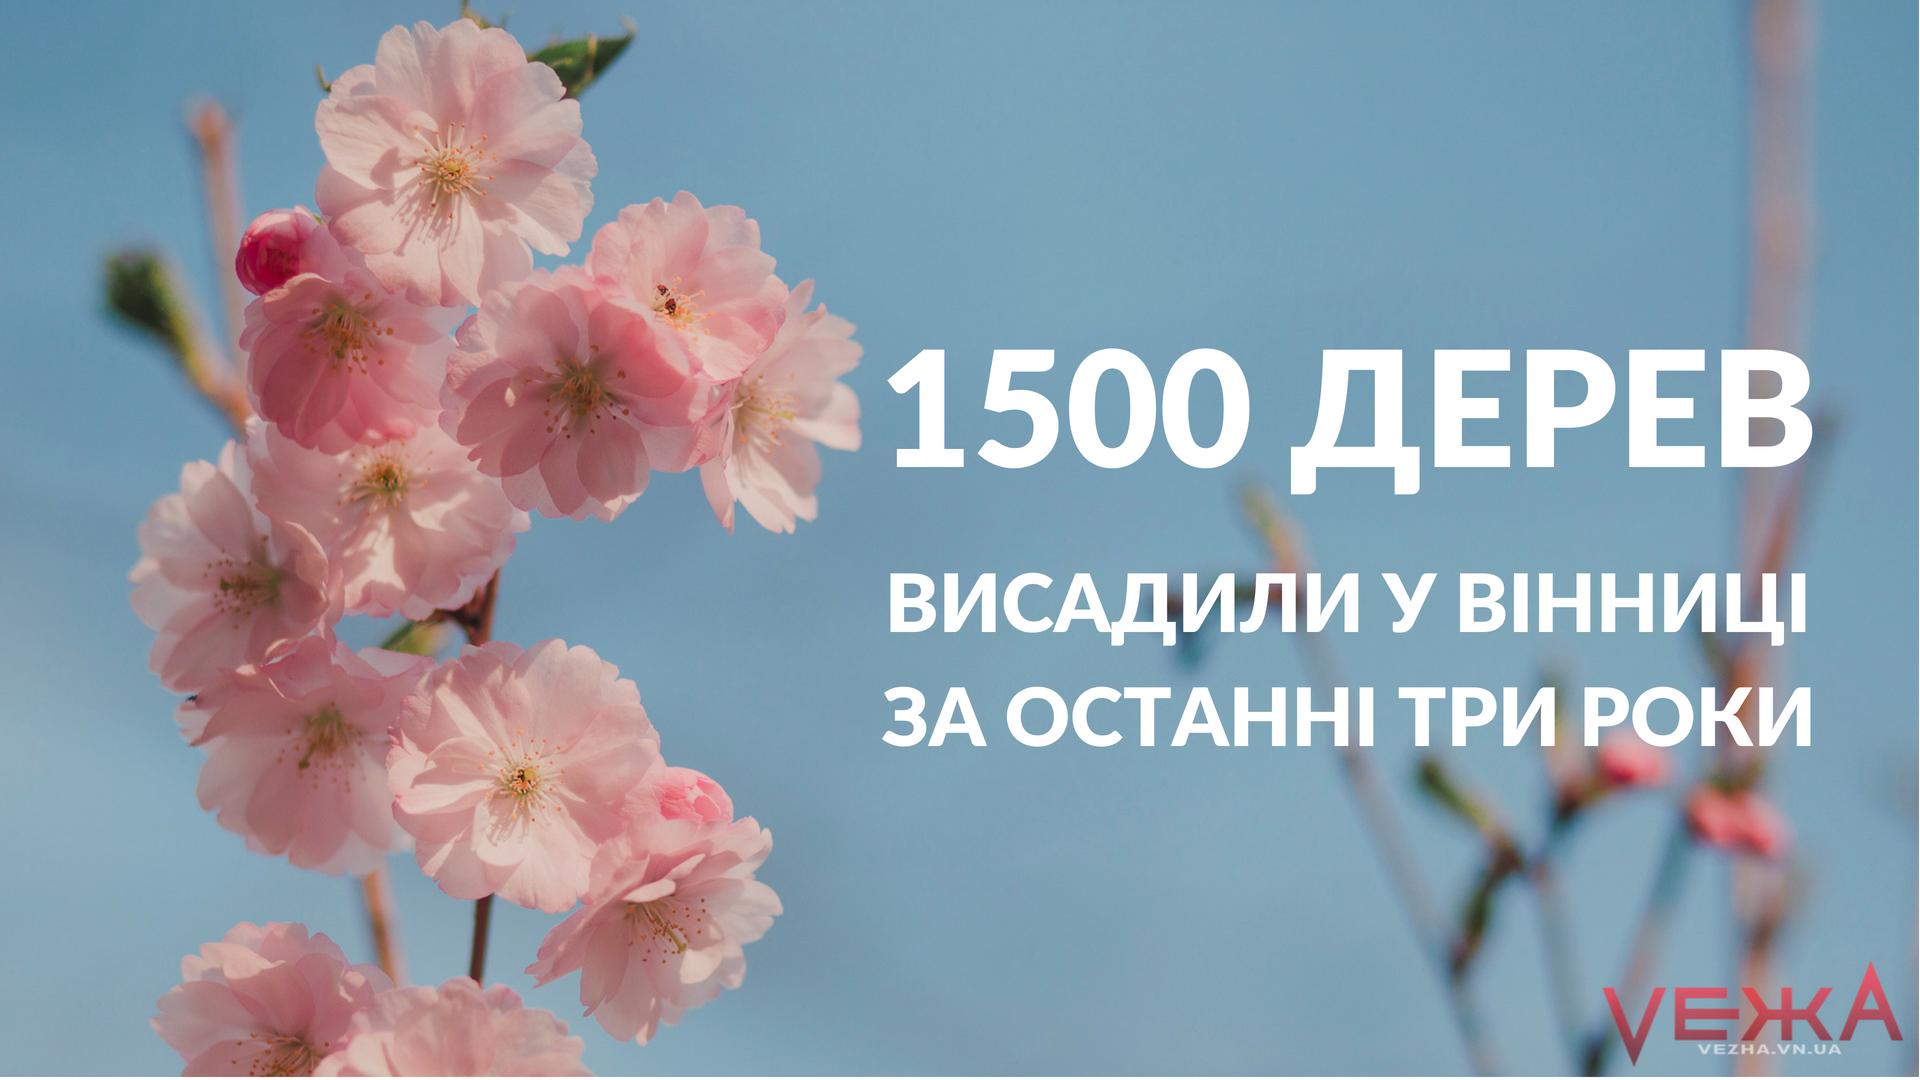 За останні три роки у Вінниці висадили майже півтори тисячі дерев